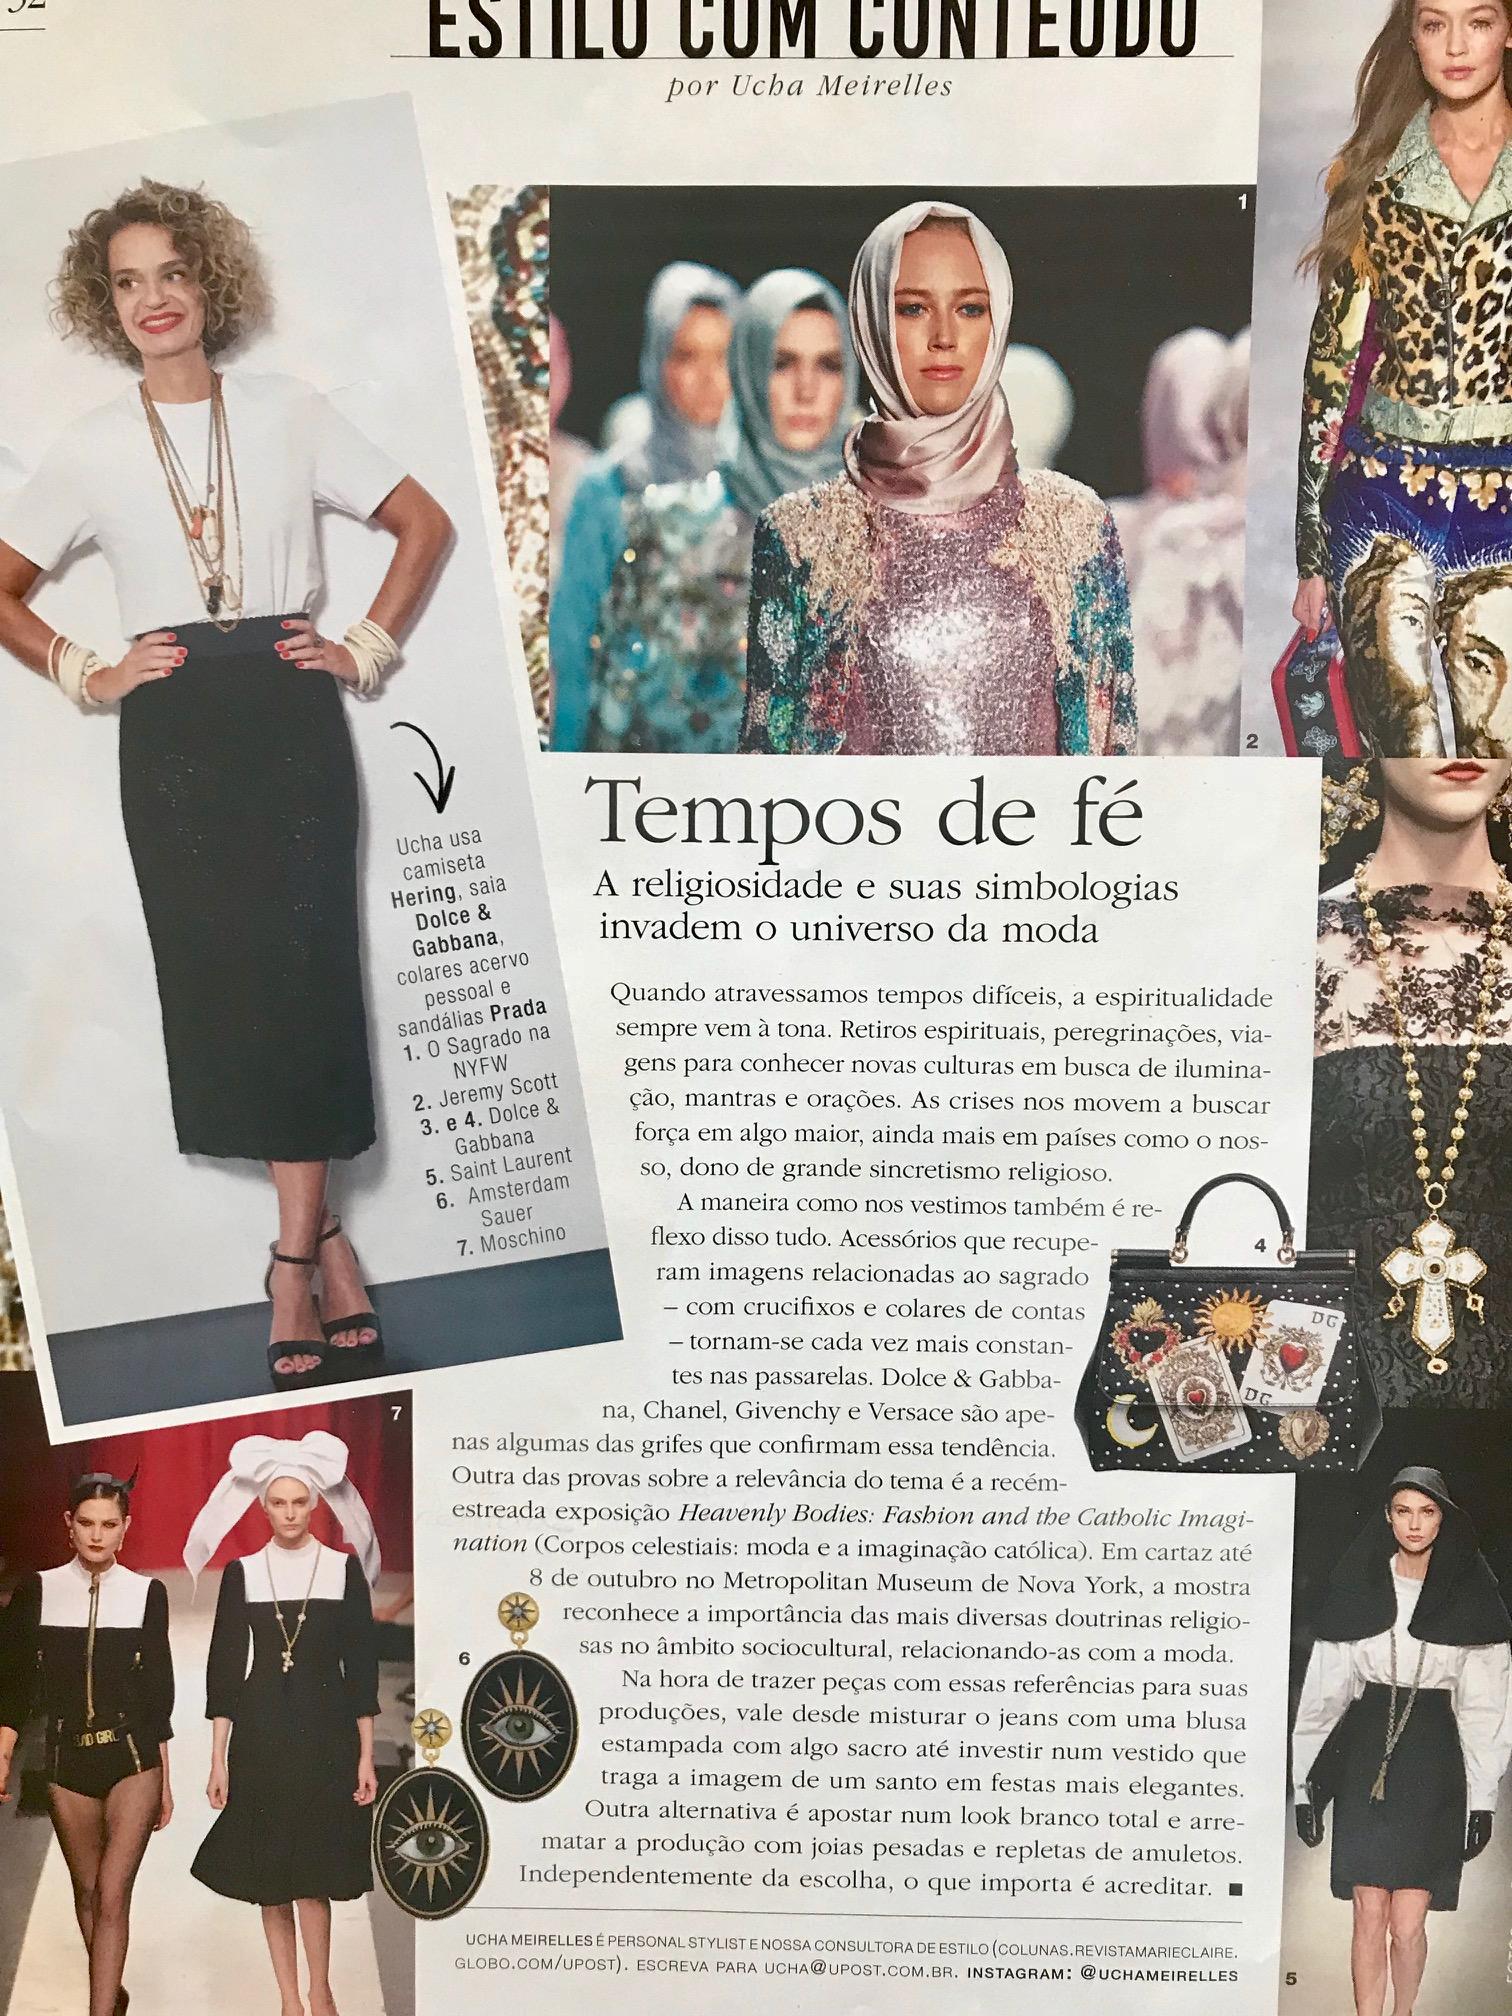 e7b2f2fa8672 A Marie Claire ( maio/18 ) trouxe uma matéria linda sobre essa tendência  religiosa que está em alta na moda. Certamente, estando em tempos de crise  a moda ...